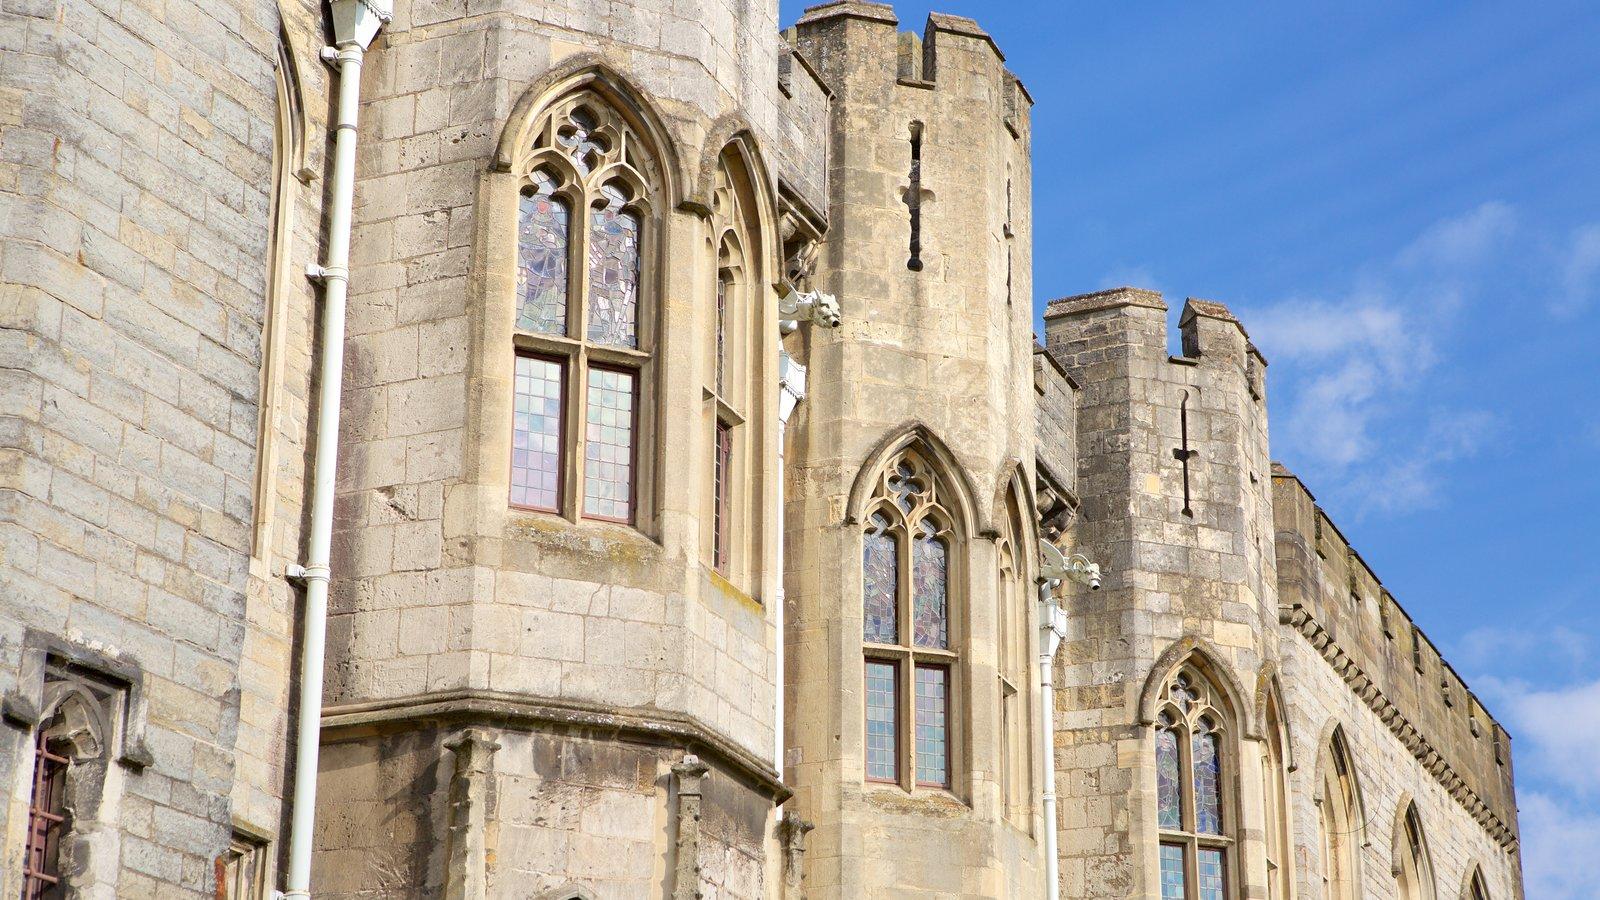 Castelo de Cardiff mostrando elementos de patrimônio, arquitetura de patrimônio e um castelo